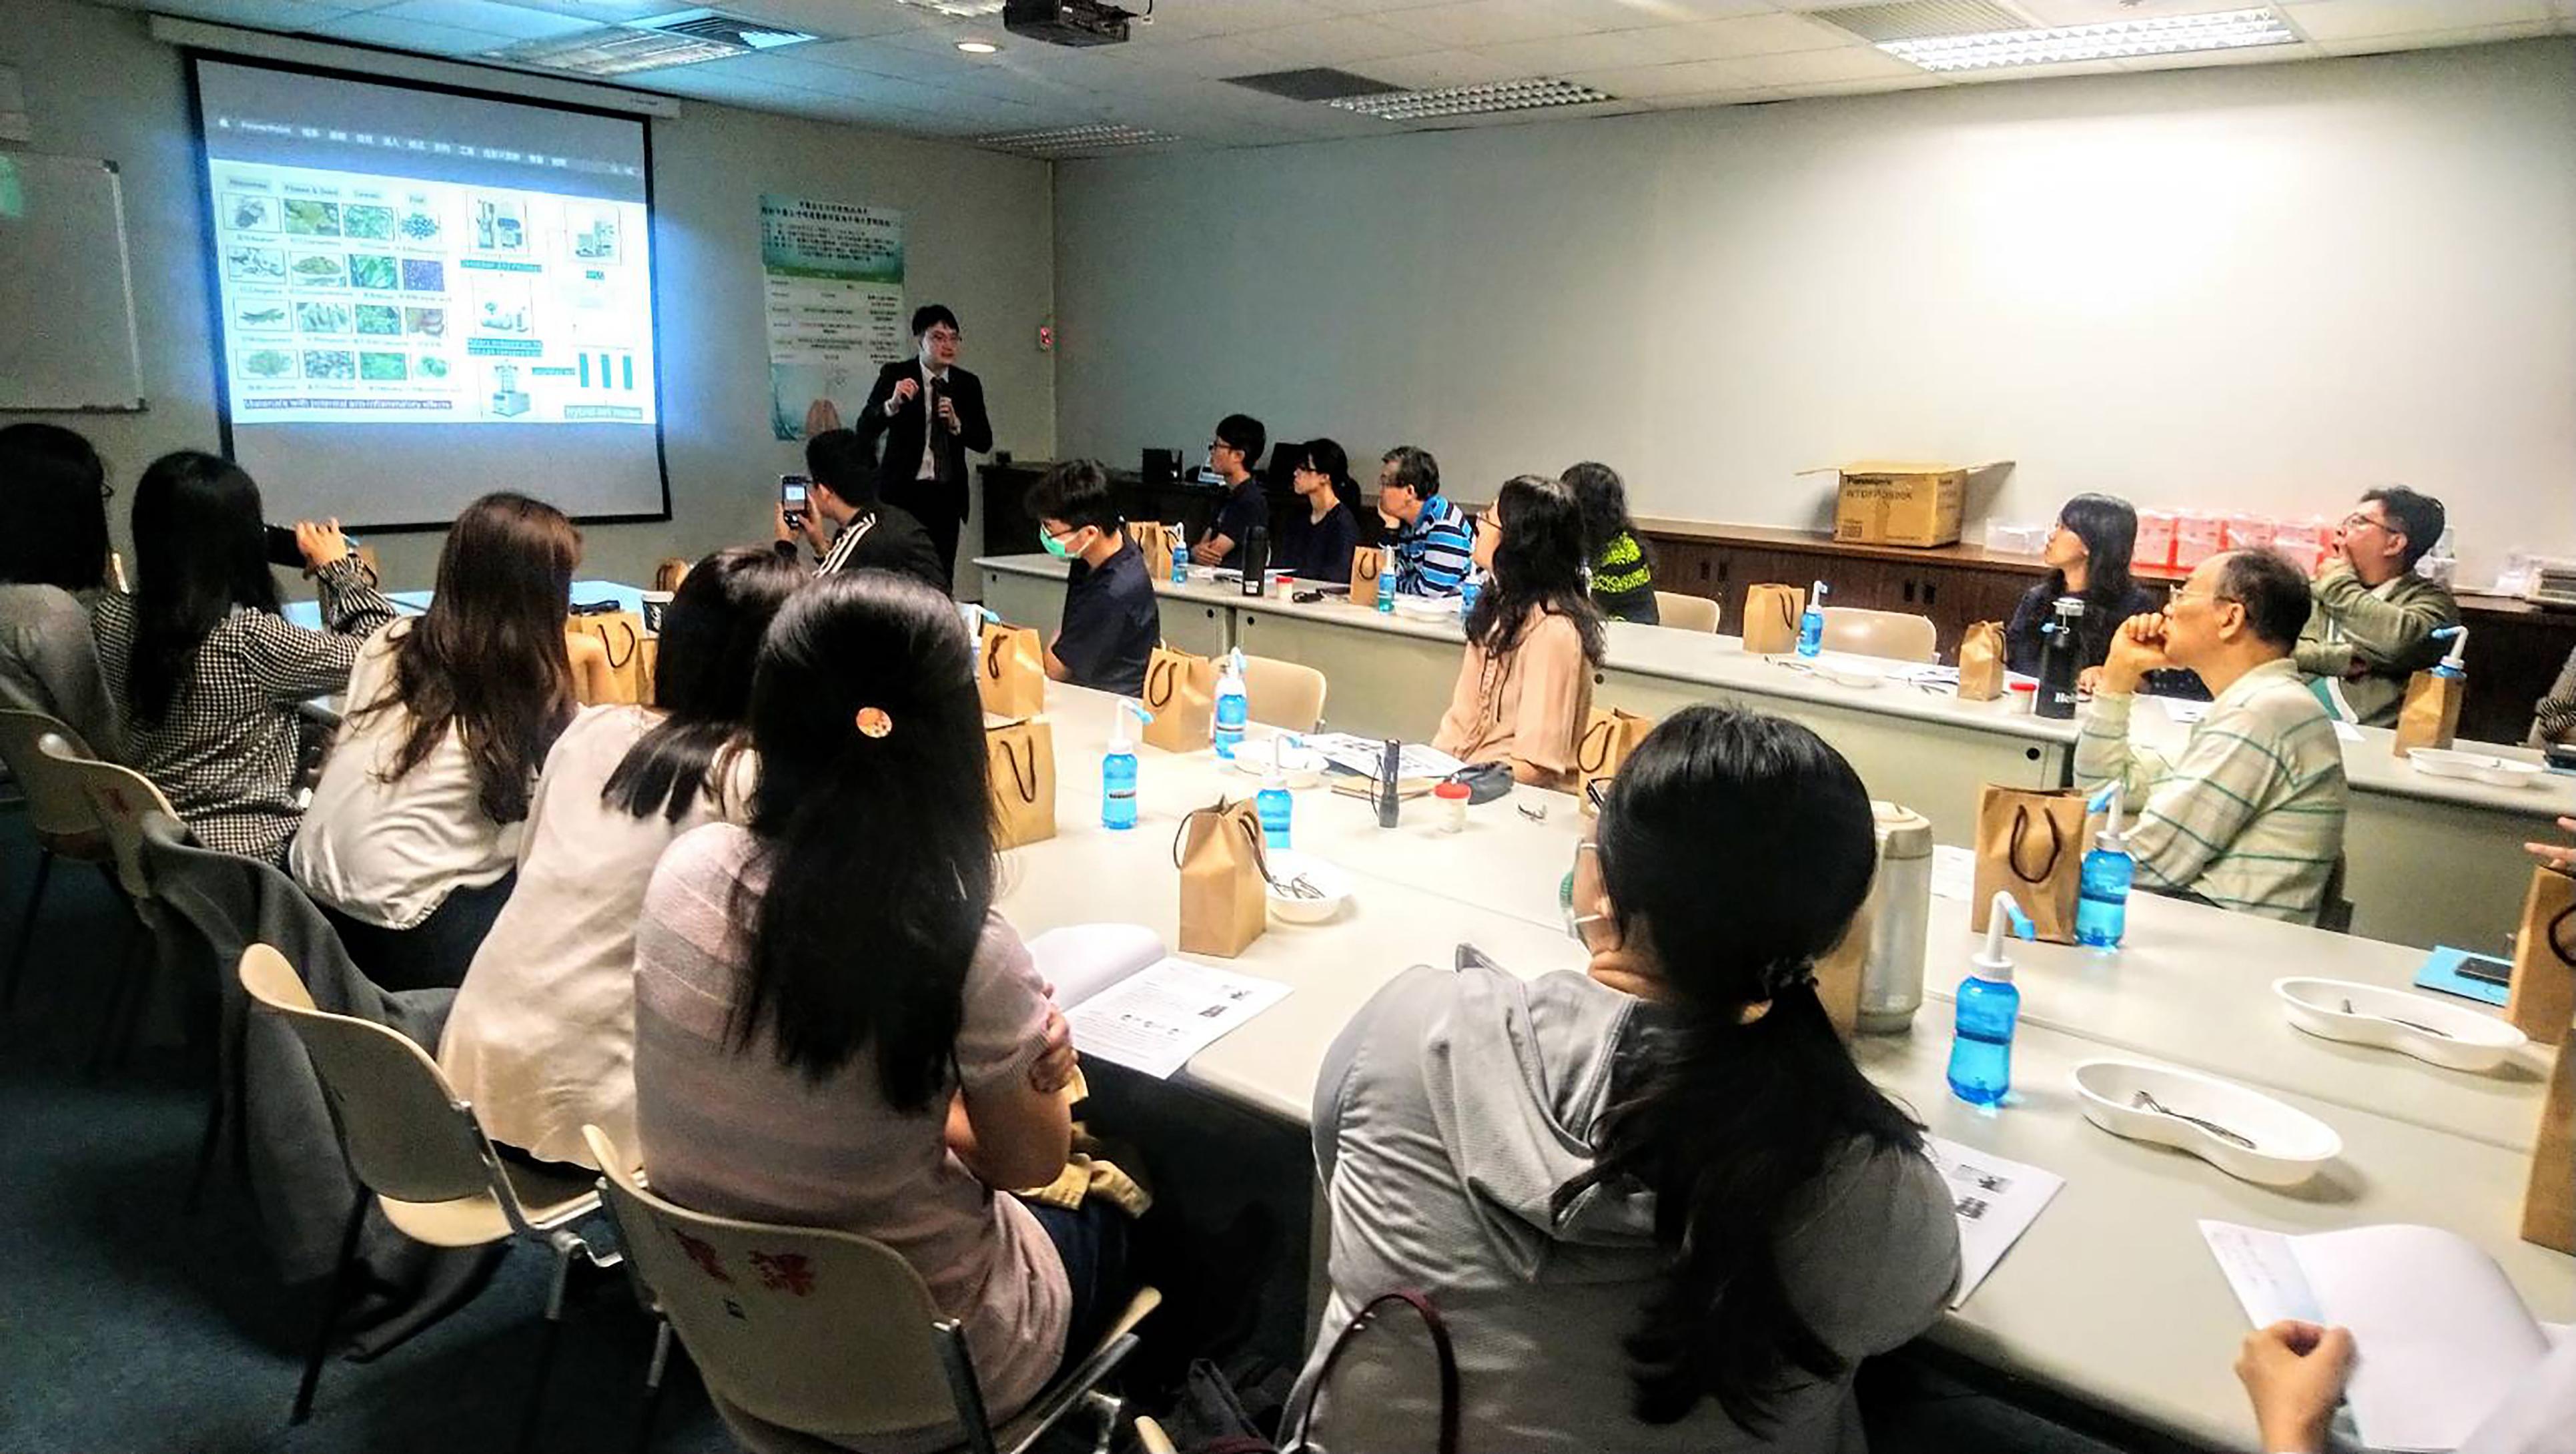 在各縣市中醫師公會舉辦的WORKSHOP互動實做工作坊,先介紹再實做,完整學習此像技術。